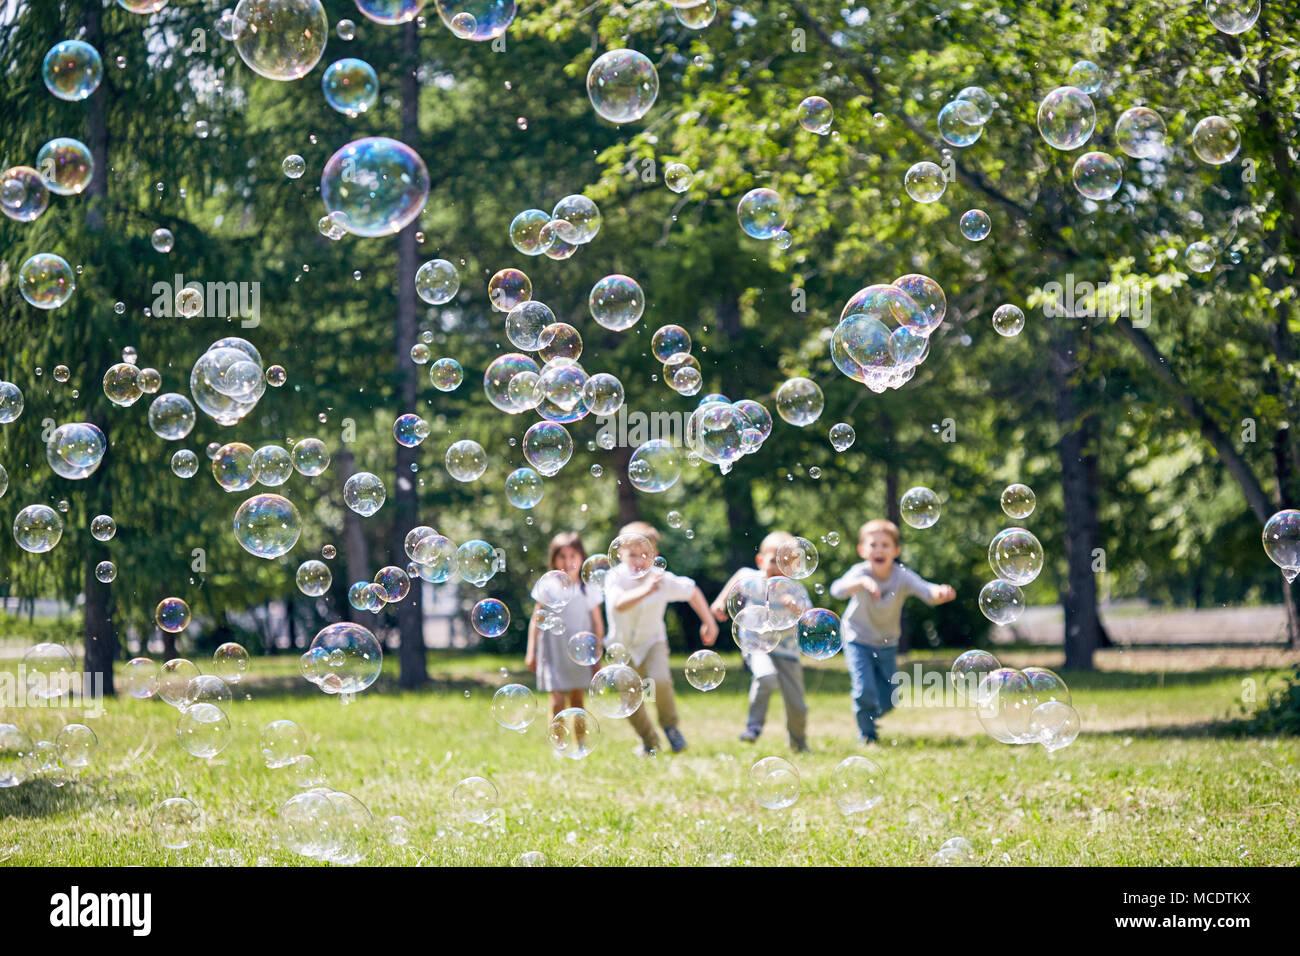 Jugar juegos activos al aire libre Imagen De Stock